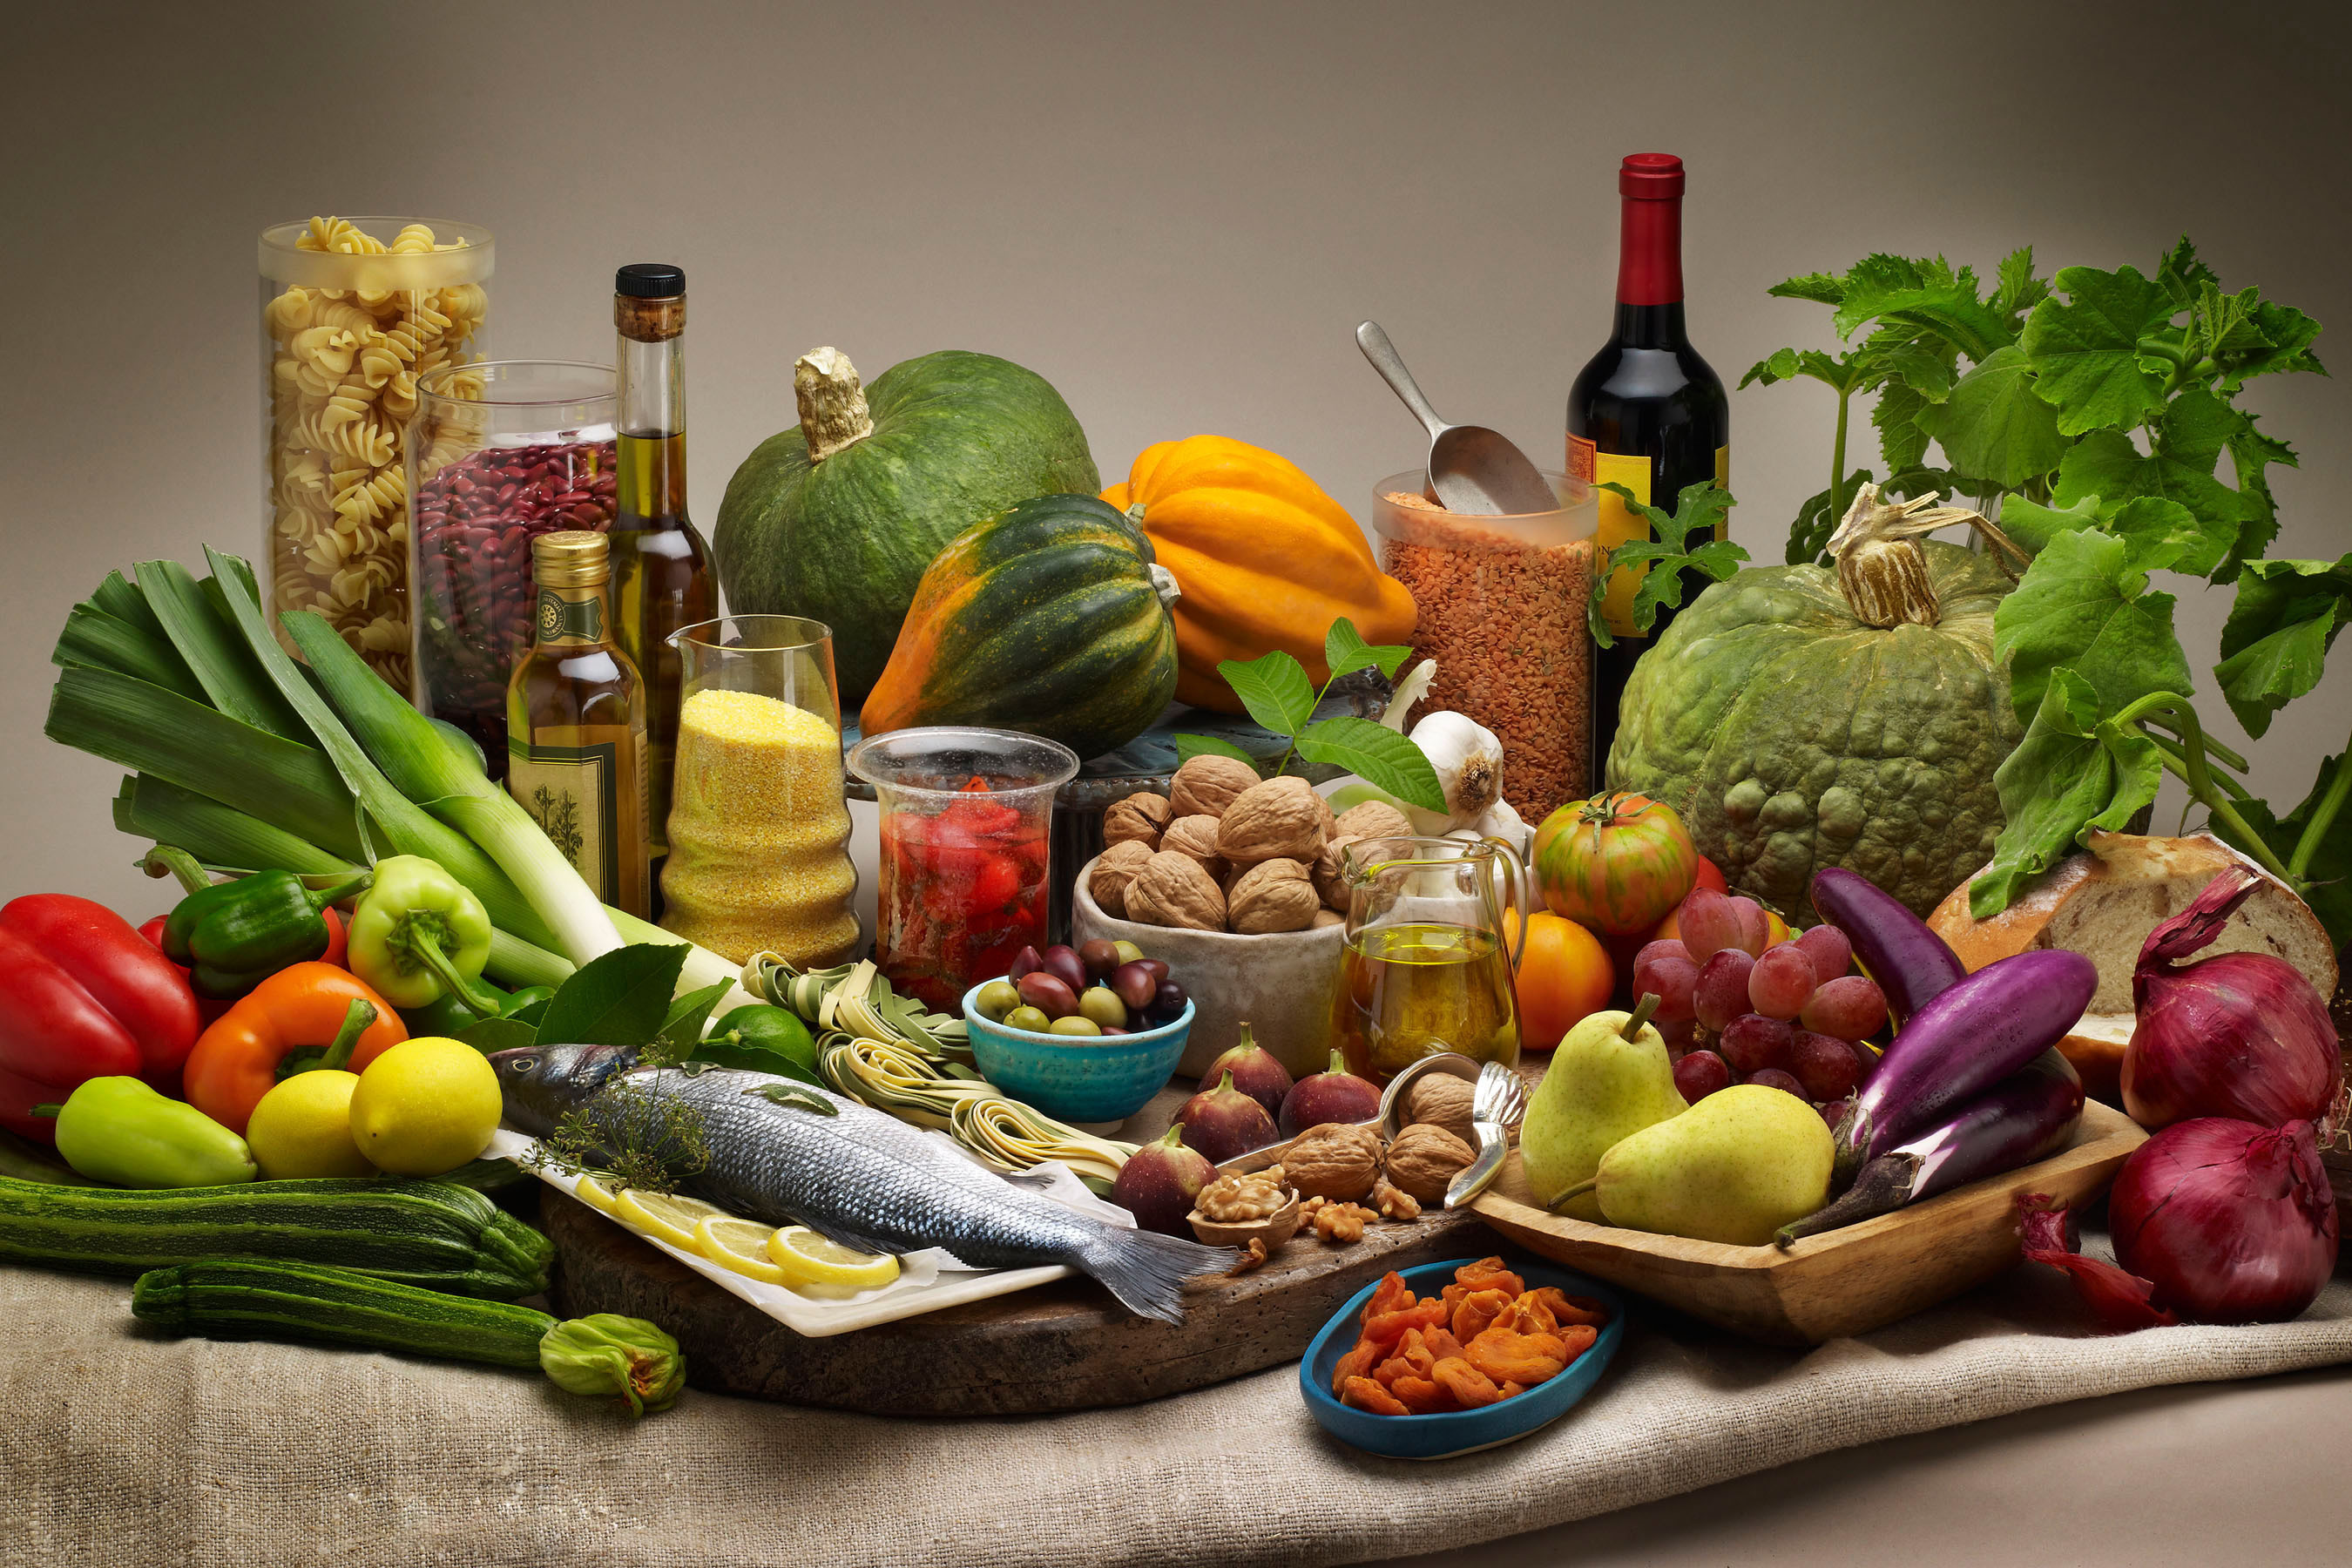 Μεσογειακή διατροφή: ποια είναι τα οφέλη της για την υγεία μας; thumbnail